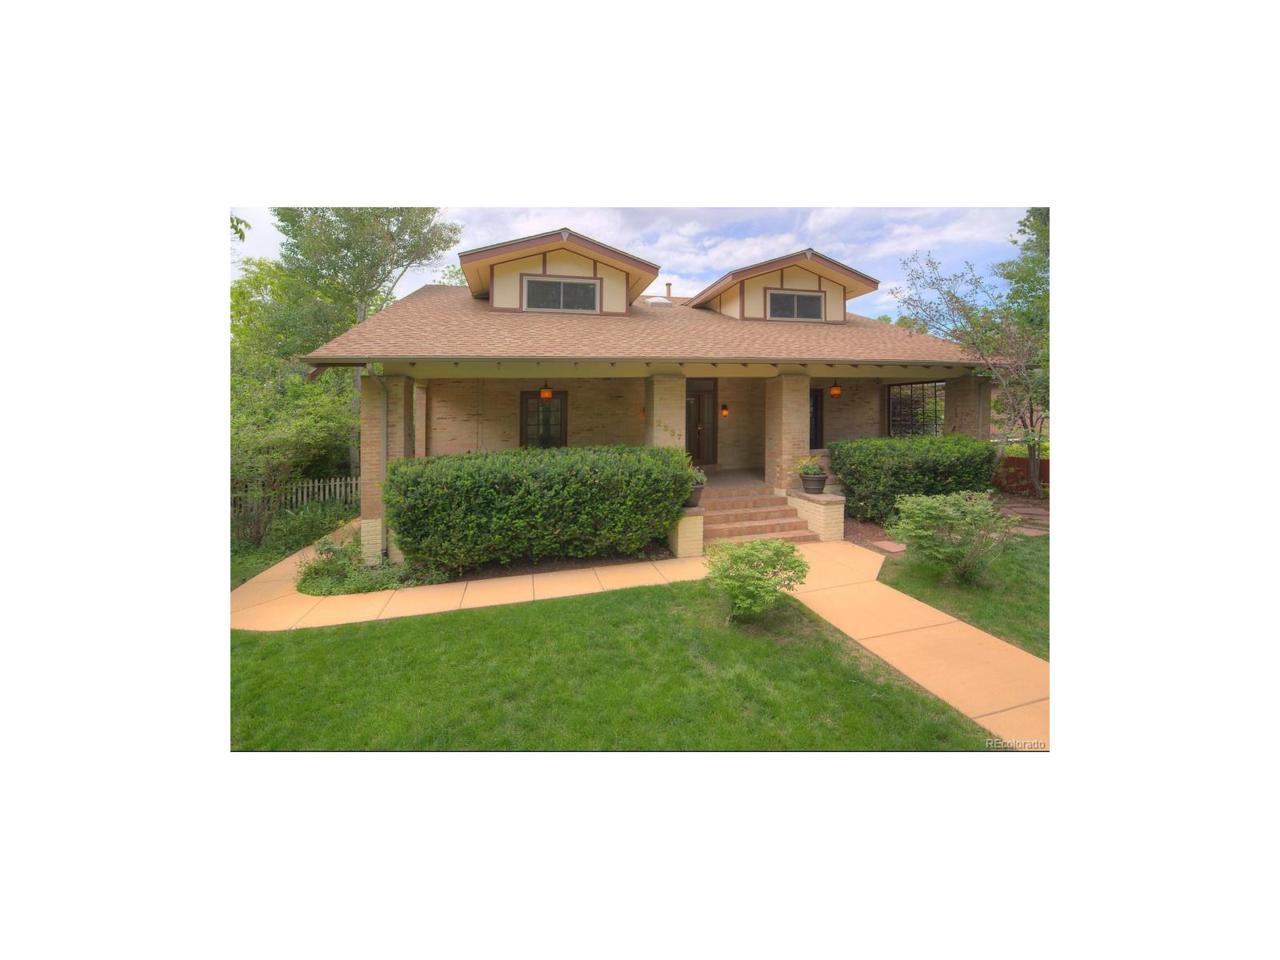 2337 S Cook Street, Denver, CO 80210 (MLS #9969326) :: 8z Real Estate